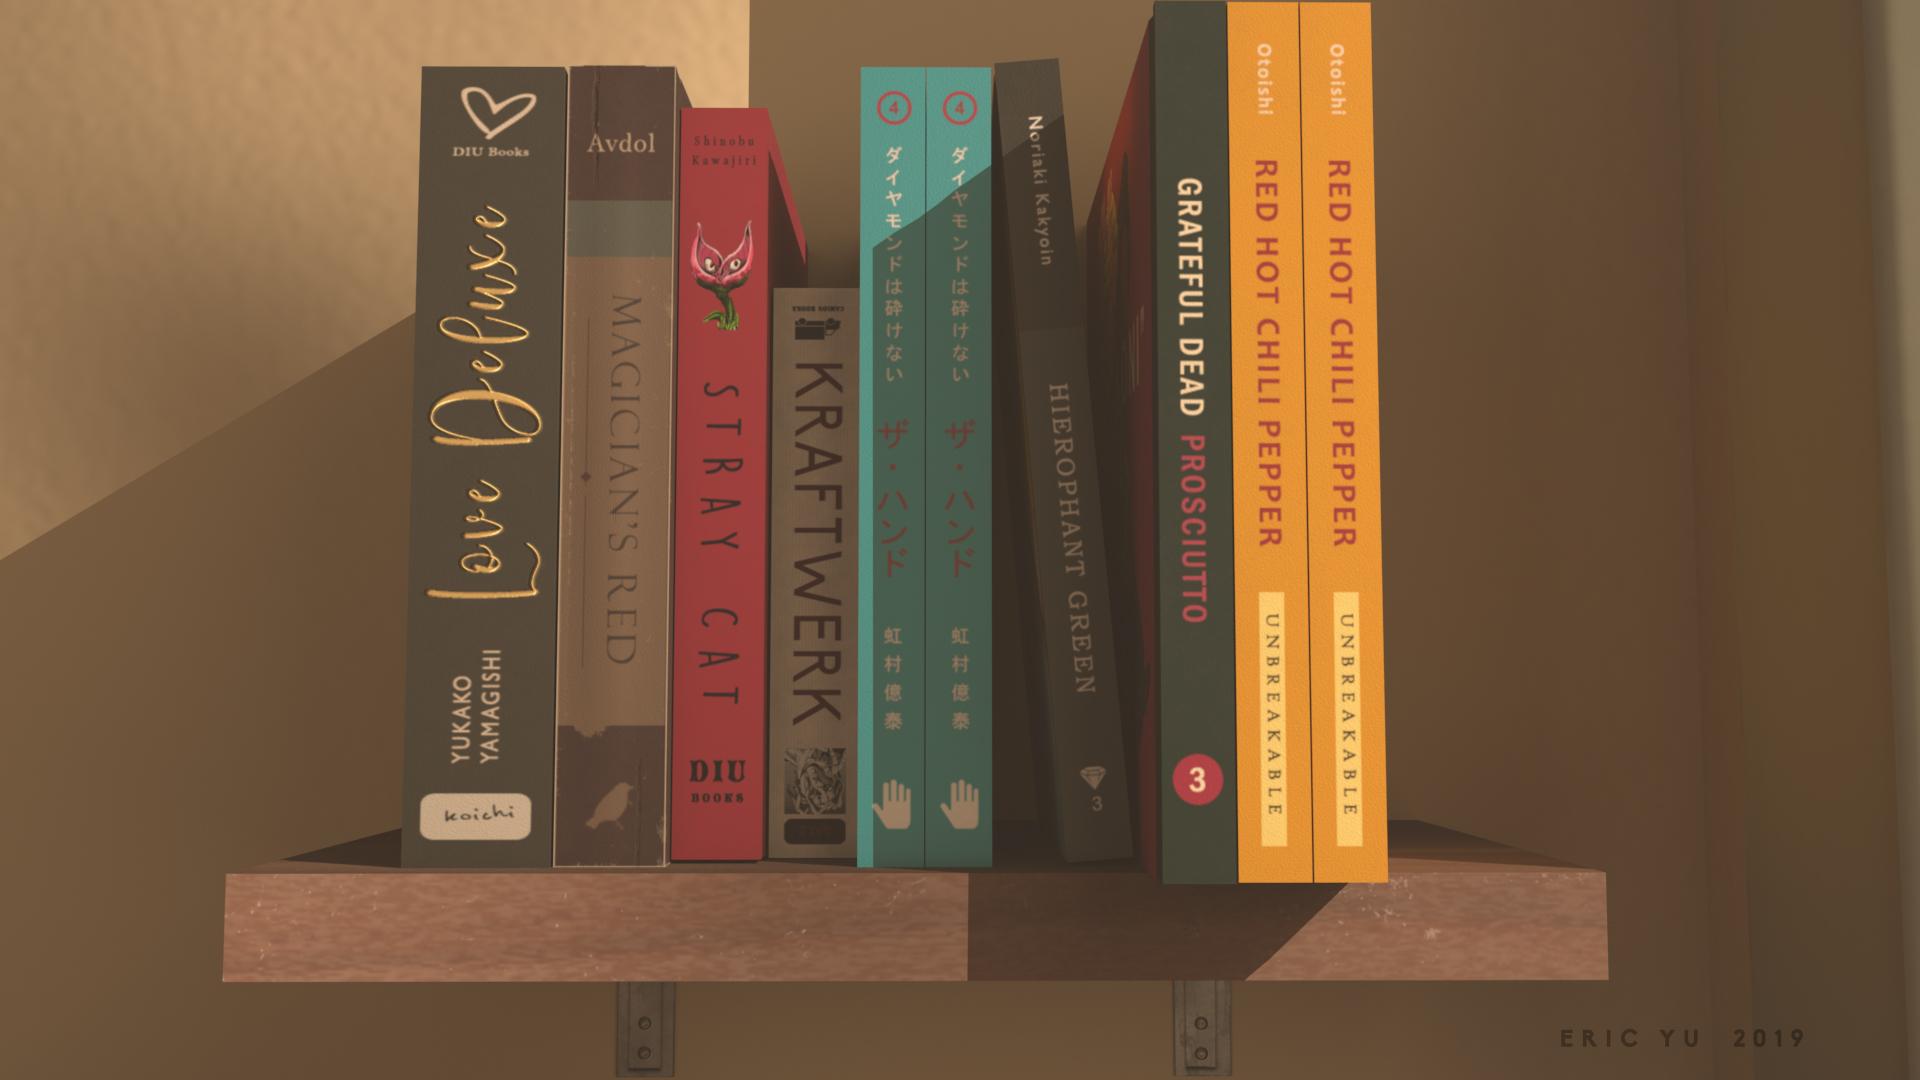 Bookshelf Books Wireframe